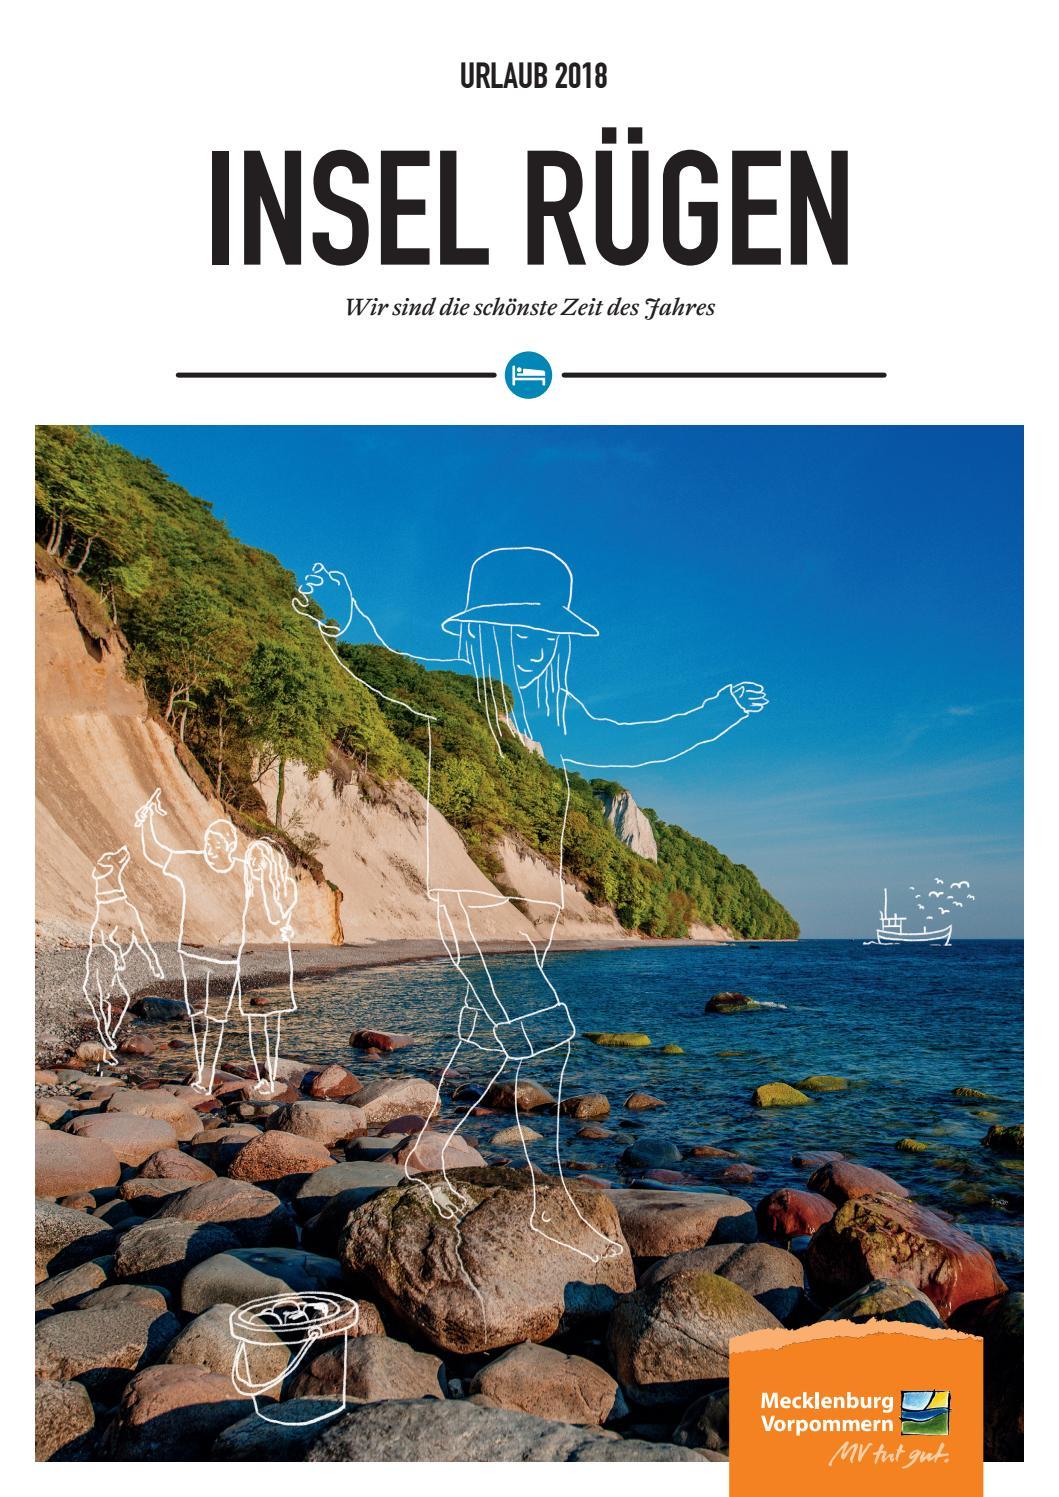 Insel Rügen. Gastgeberkatalog ´18 by Insel Rügen - issuu